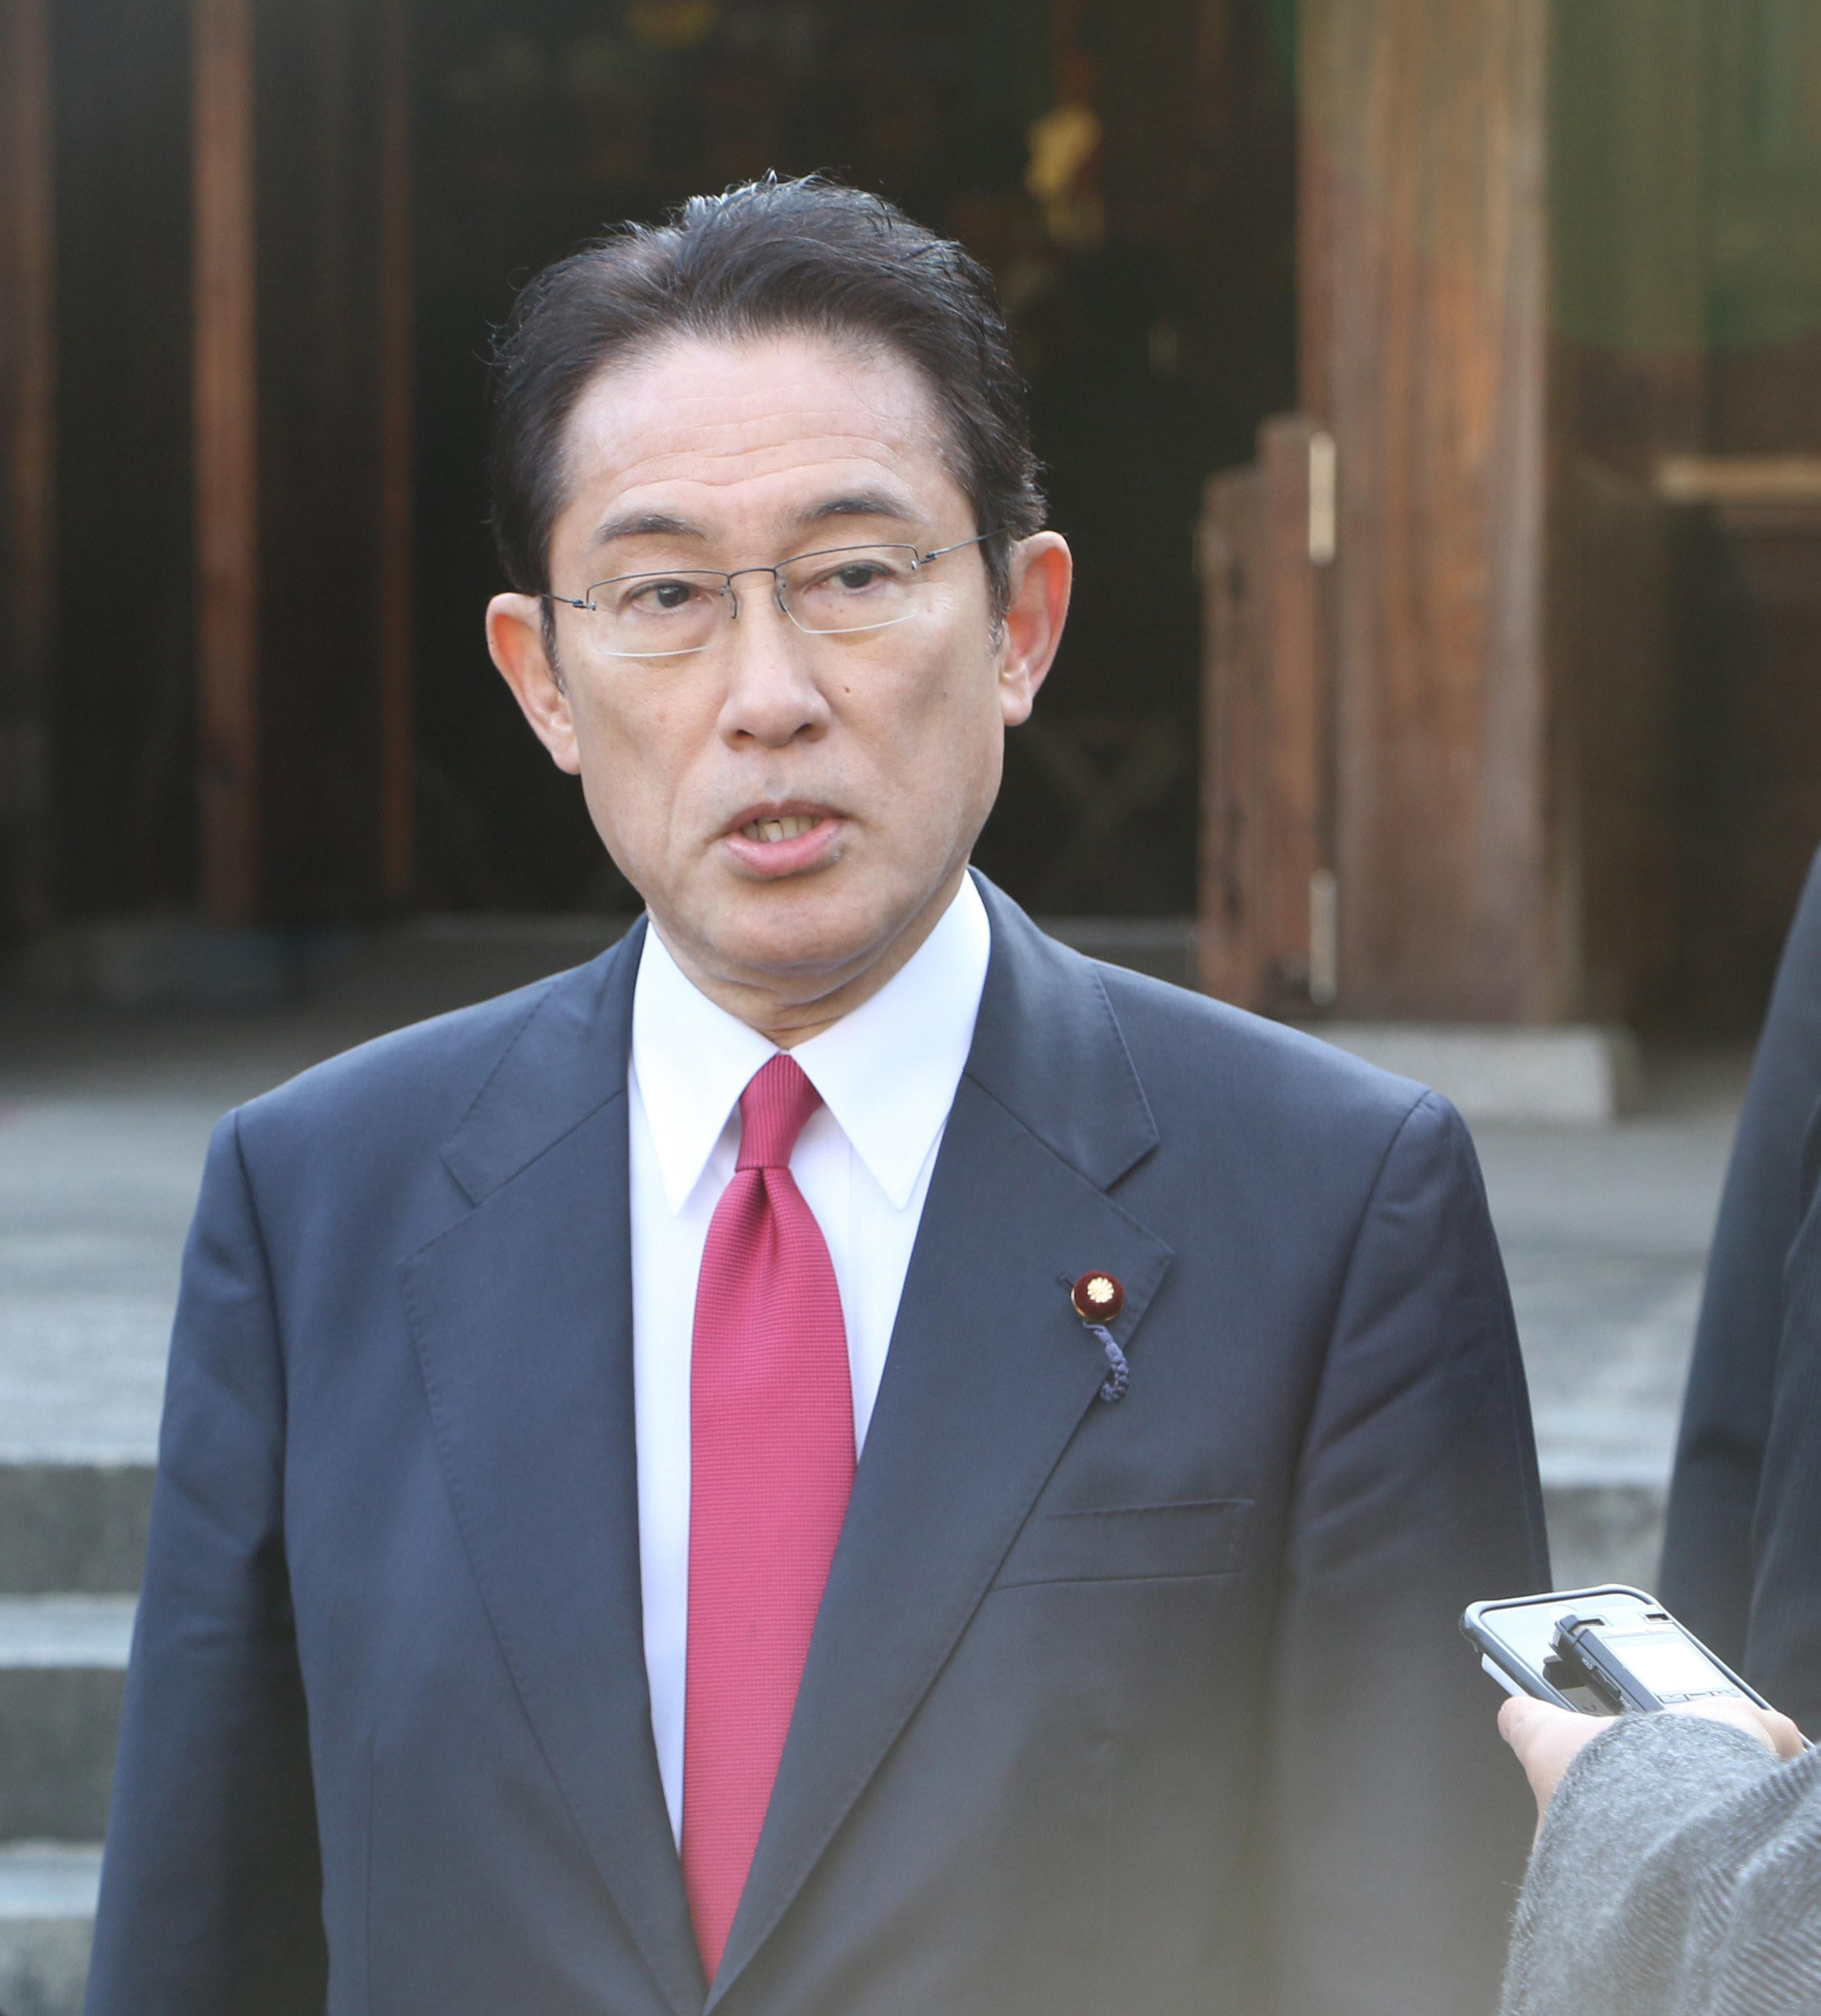 の 候補 大臣 次 総理 岸田文雄外相は総理大臣になれるの?安倍晋三との関係と日本会議